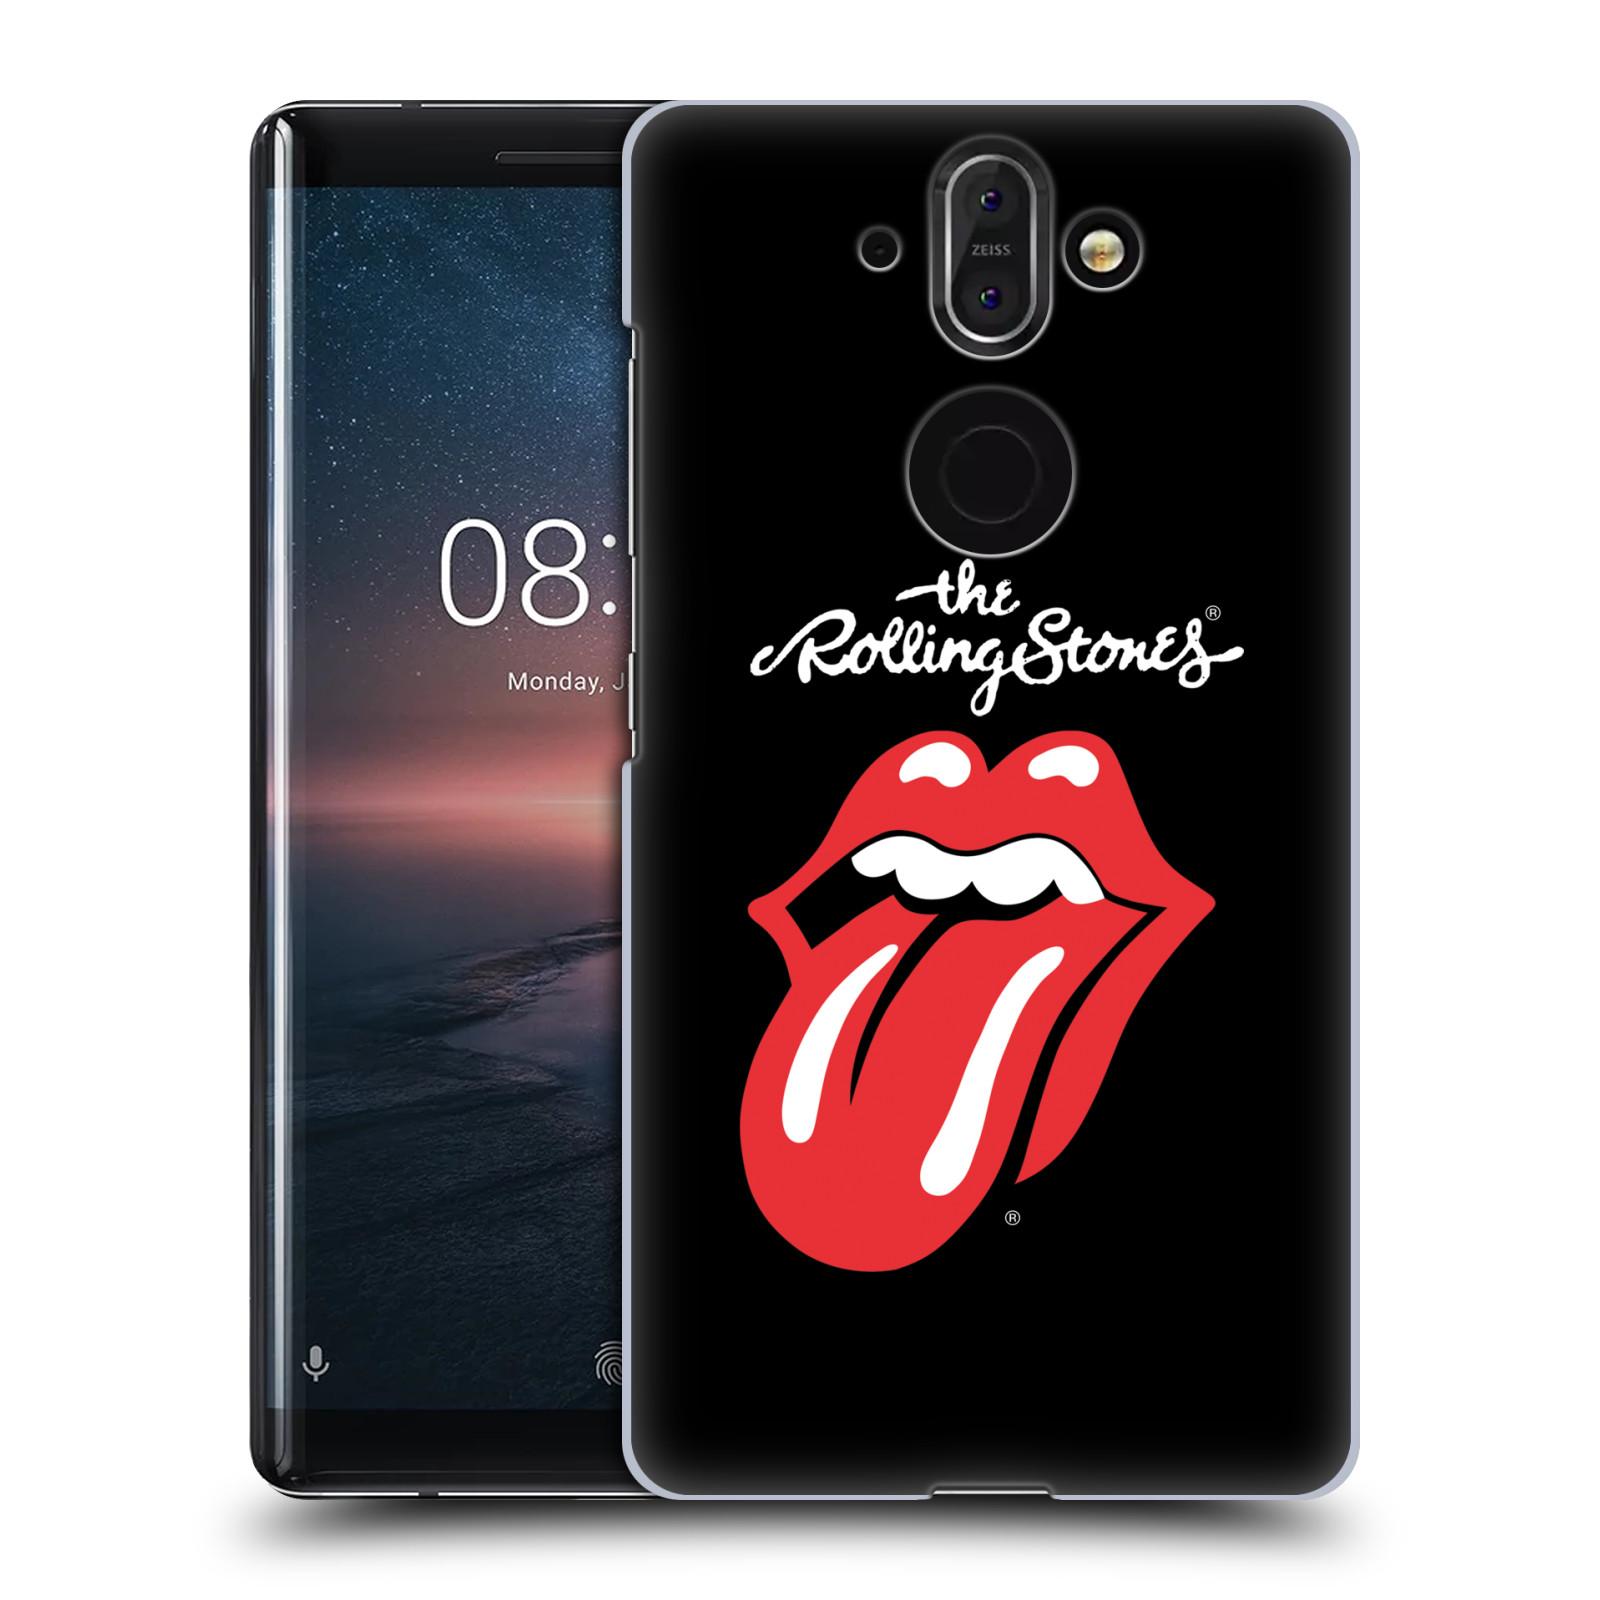 Plastové pouzdro na mobil Nokia 8 Sirocco - Head Case - The Rolling Stones - Classic Lick